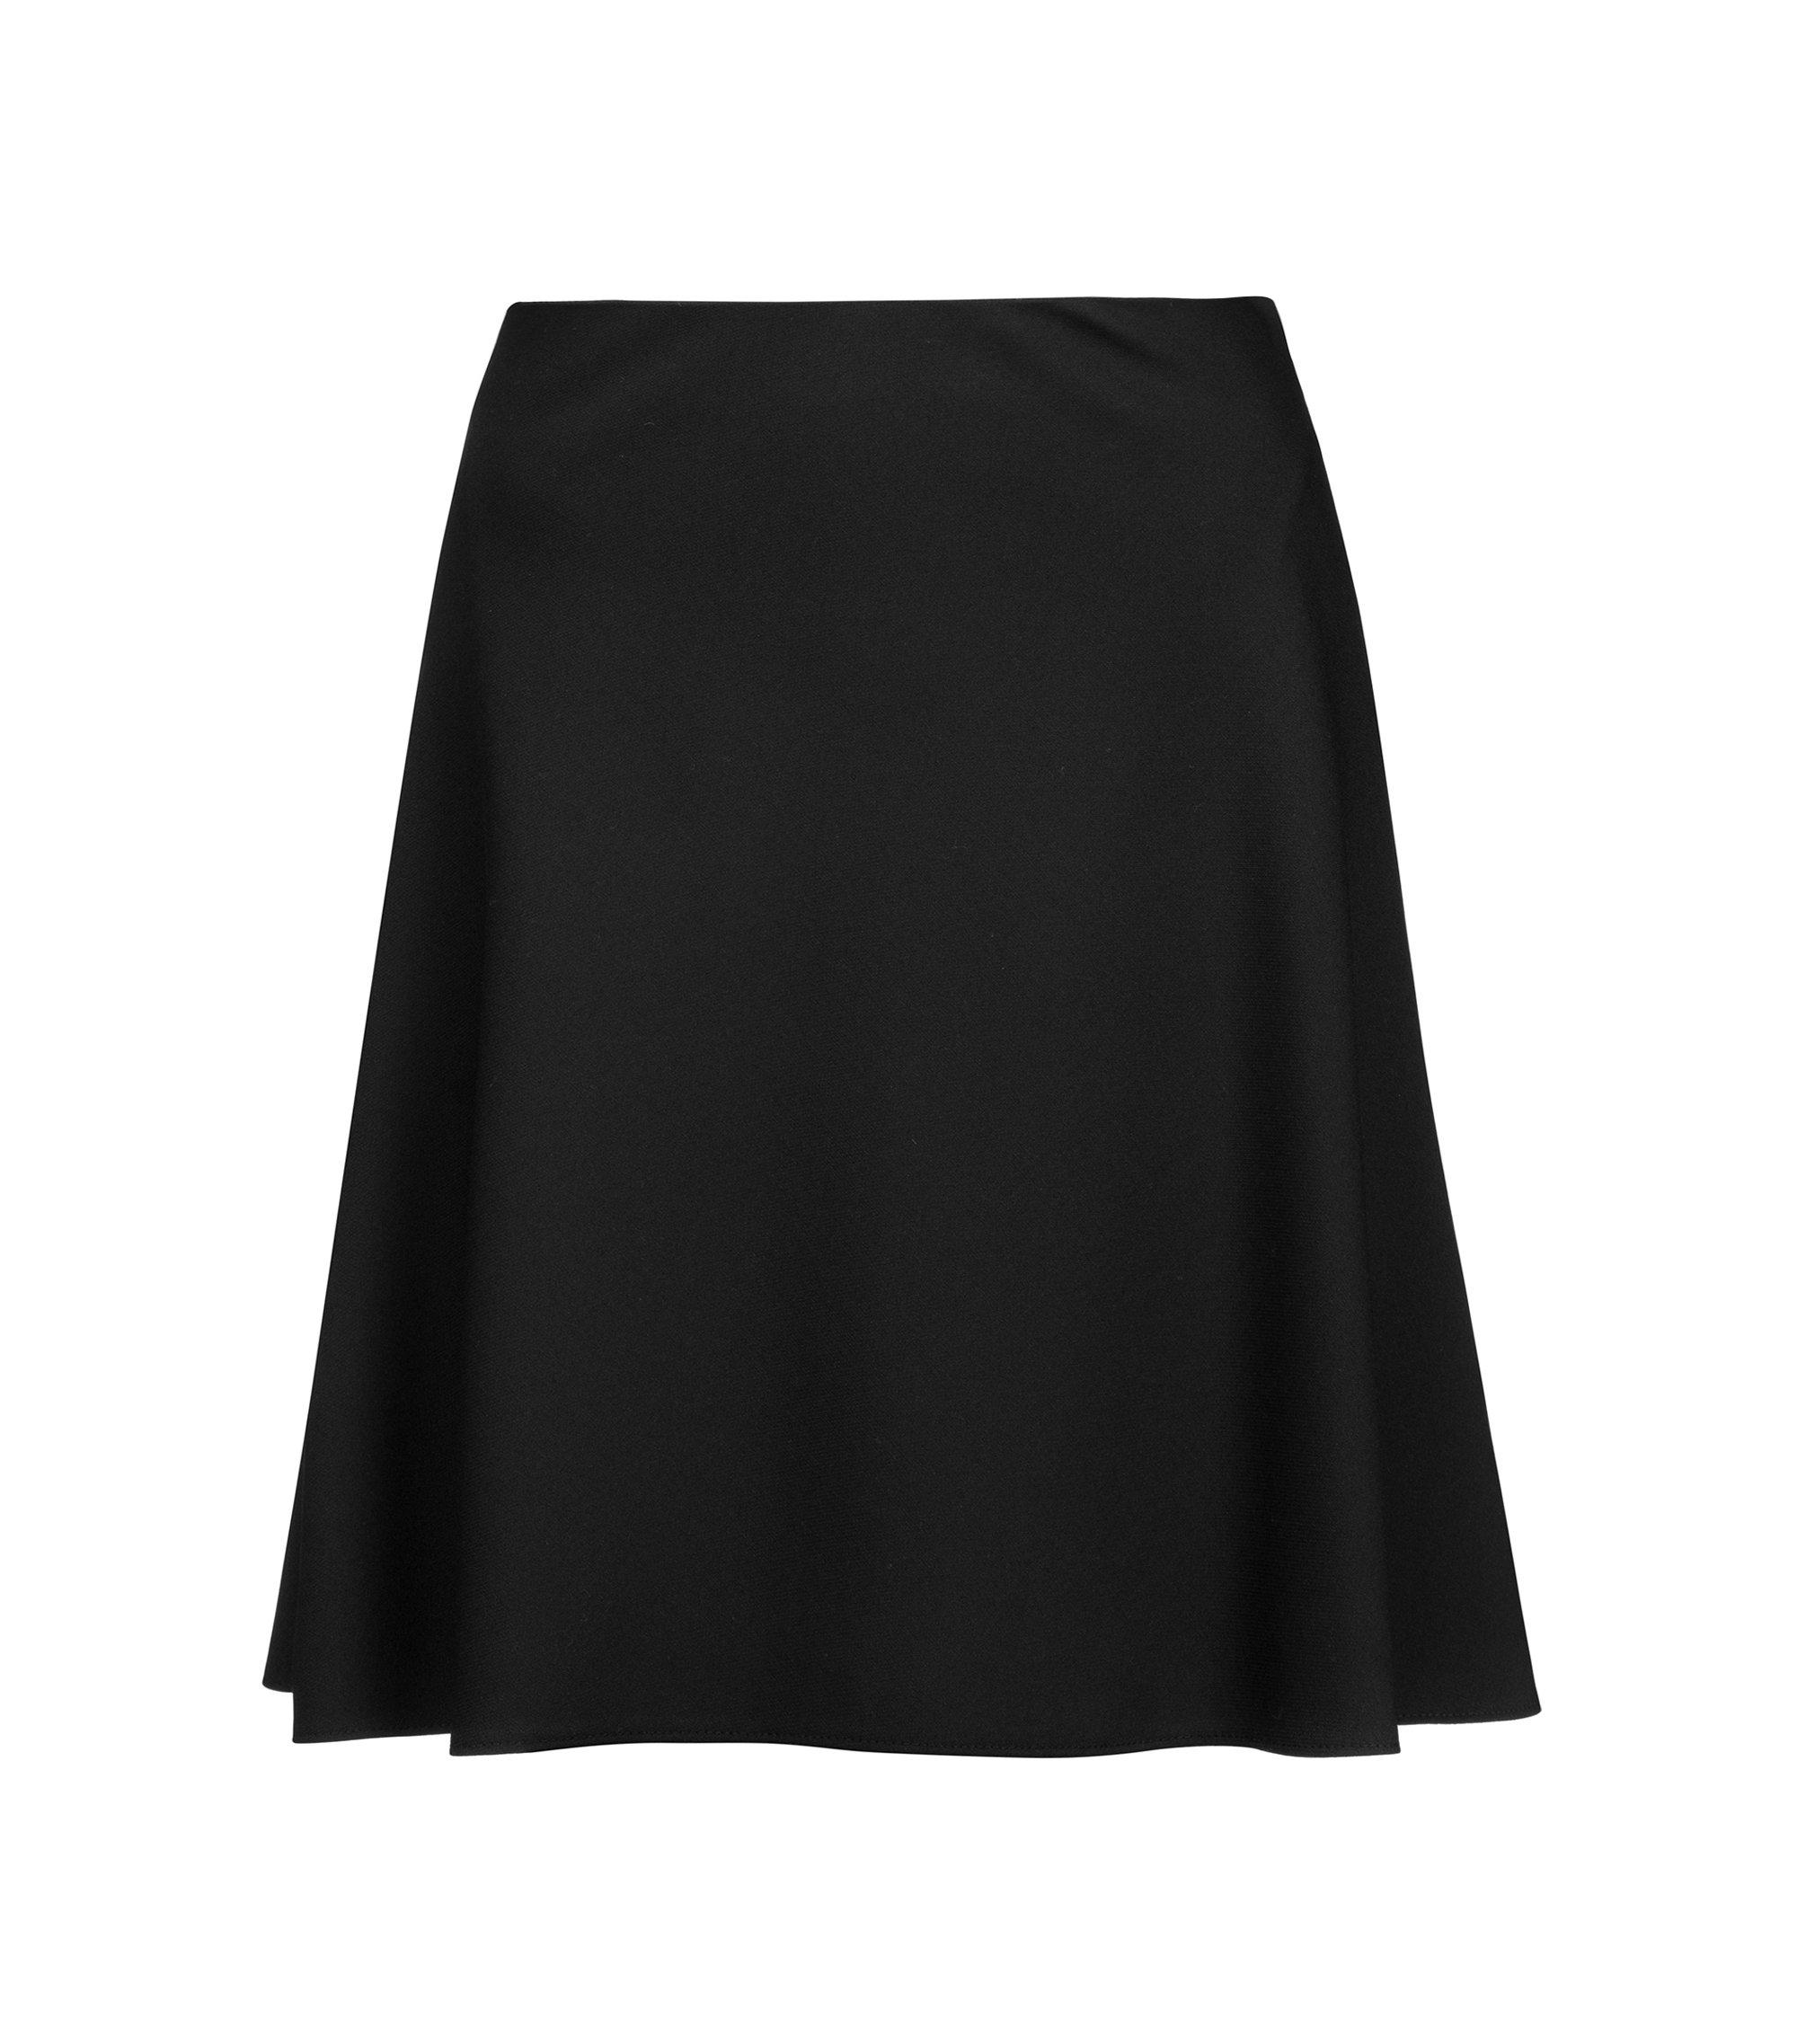 Minigonna a vita alta in tessuto elasticizzato dalla linea svasata, Nero